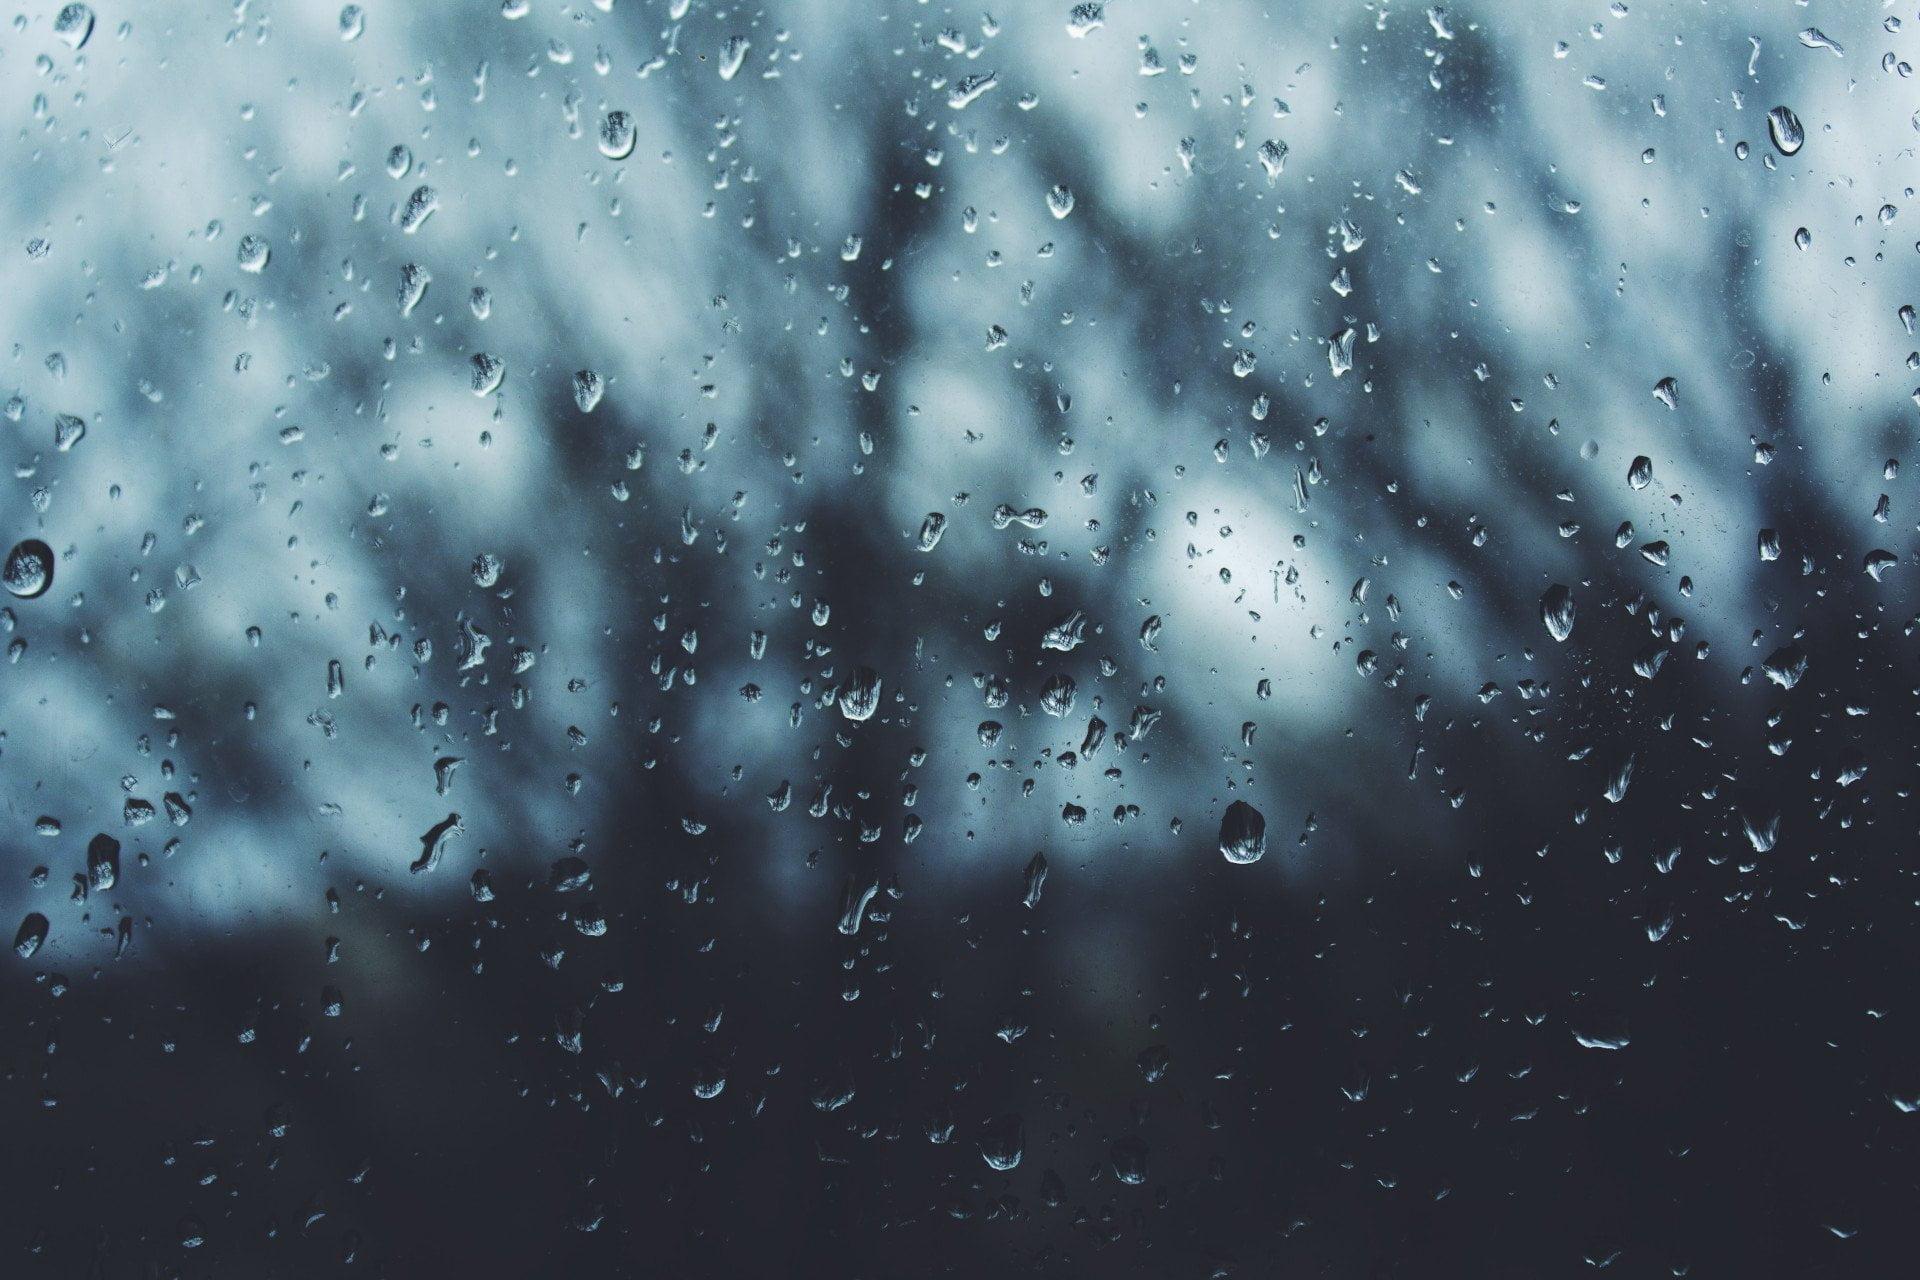 7 rainy mood